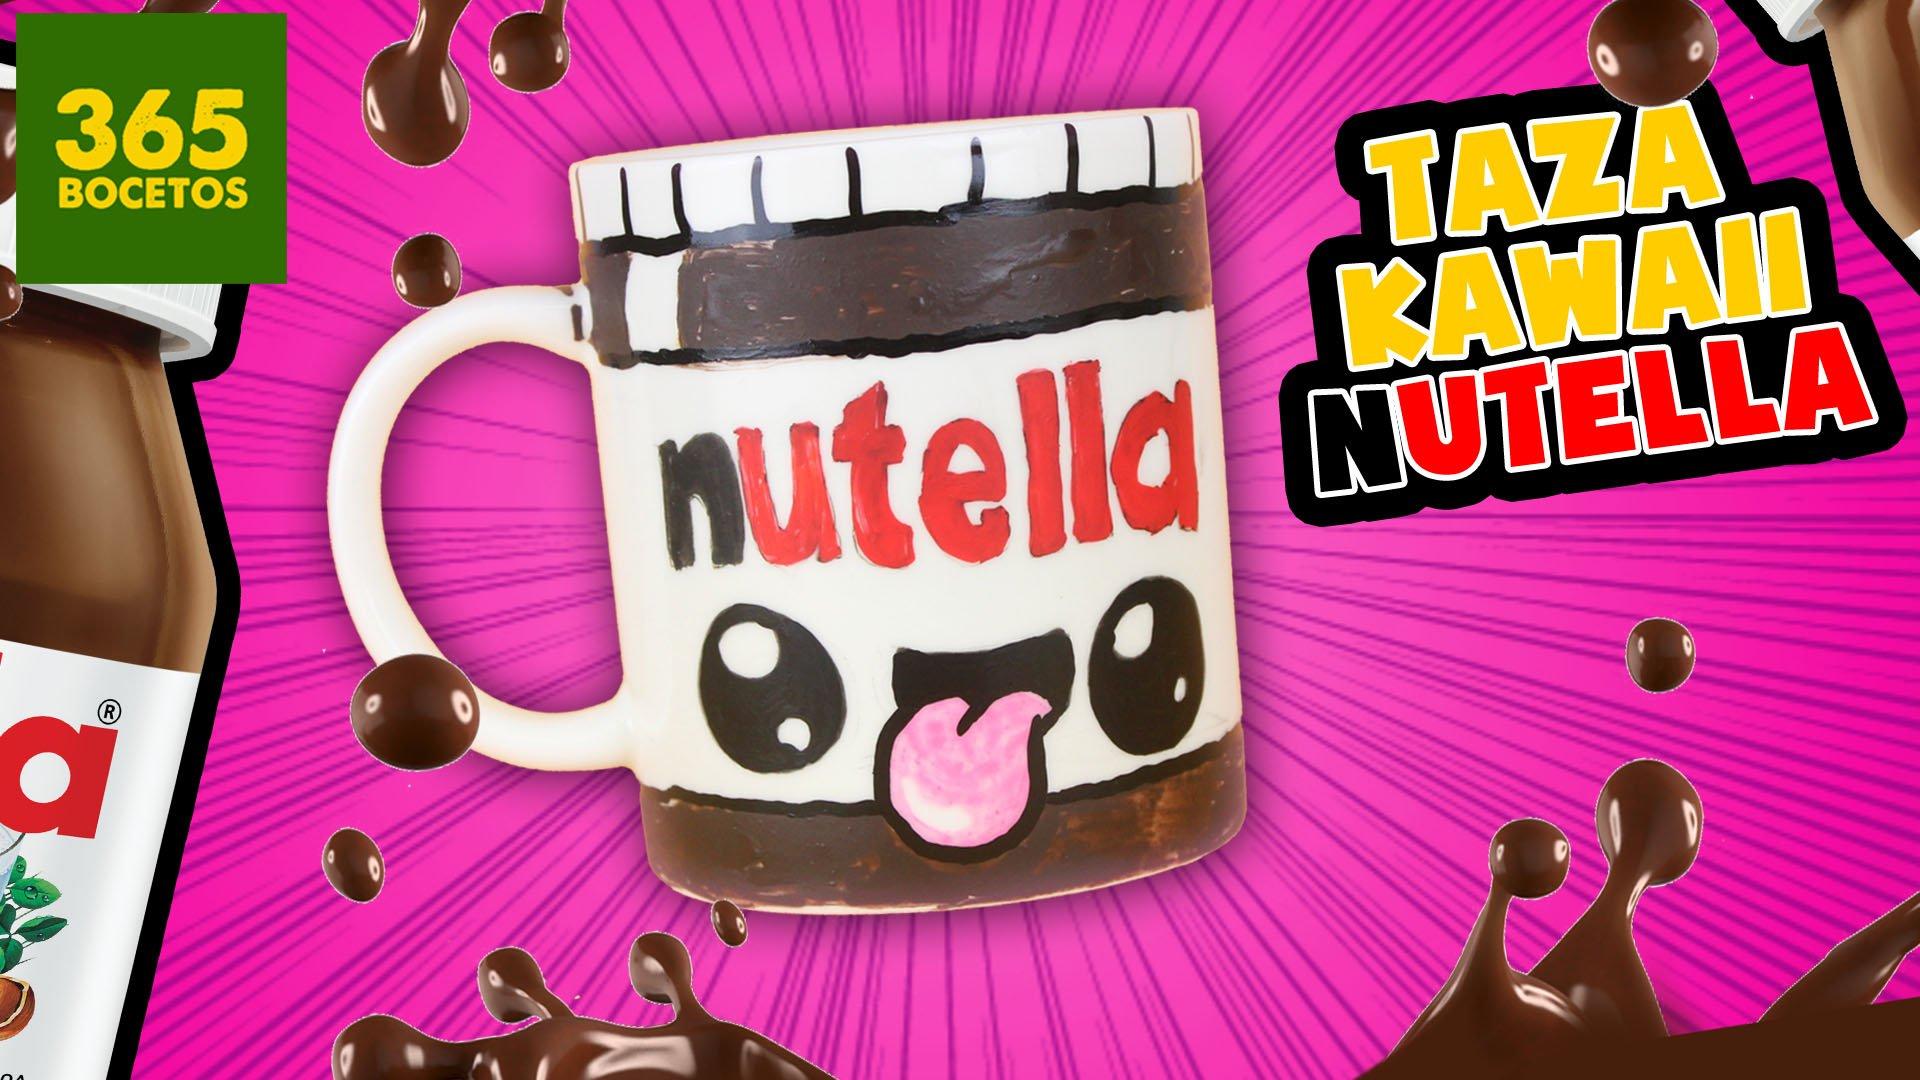 365 Bocetos On Twitter Nuevo Video En El Canal Nutella Kawaii En